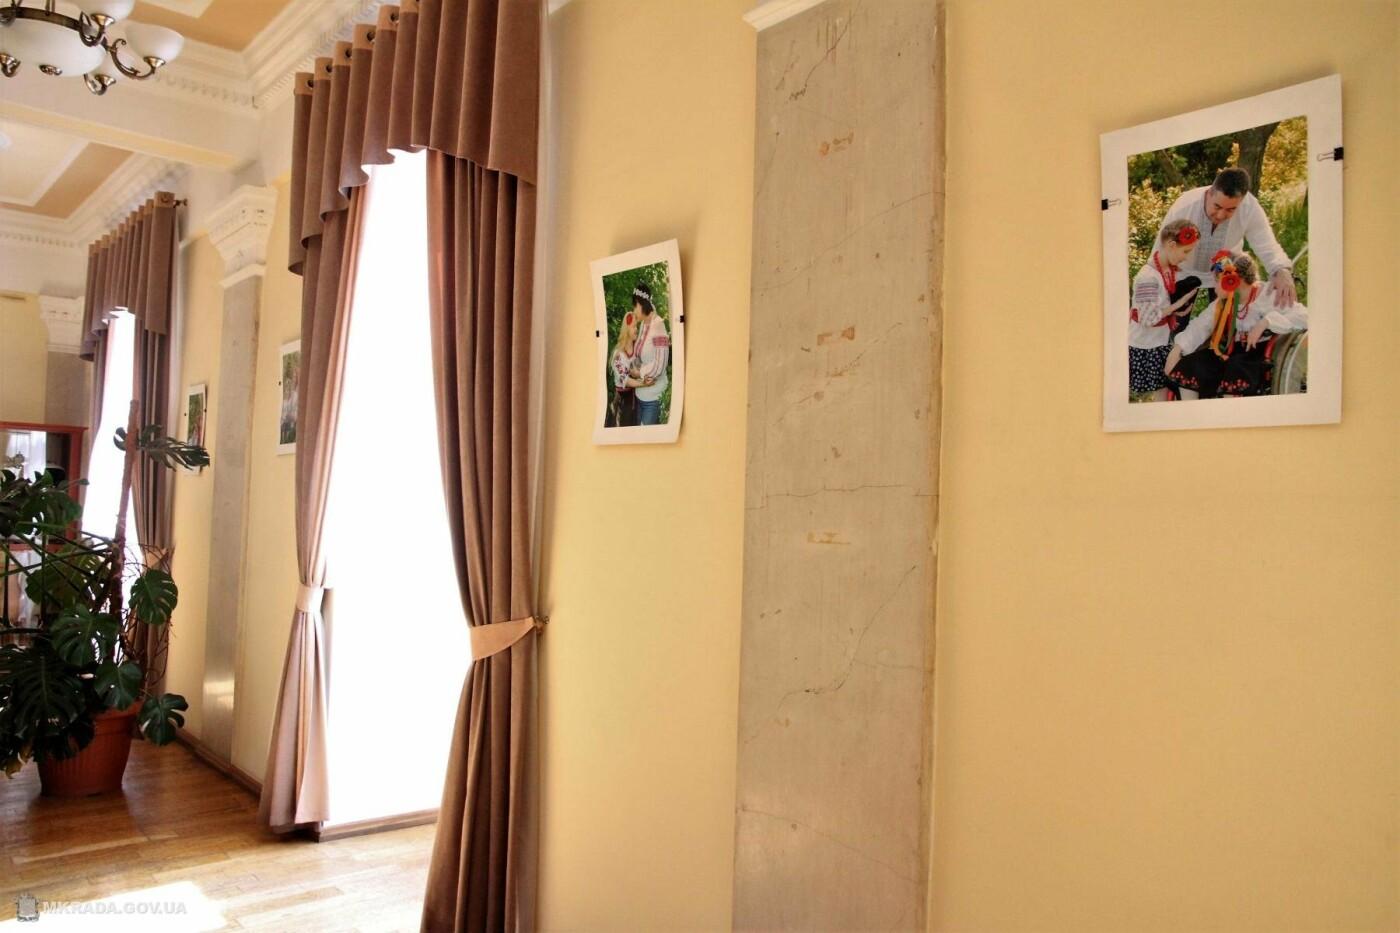 В Николаевском горсовете открылась фотовыставка «Мы - неповторимы!», - ФОТО, фото-6